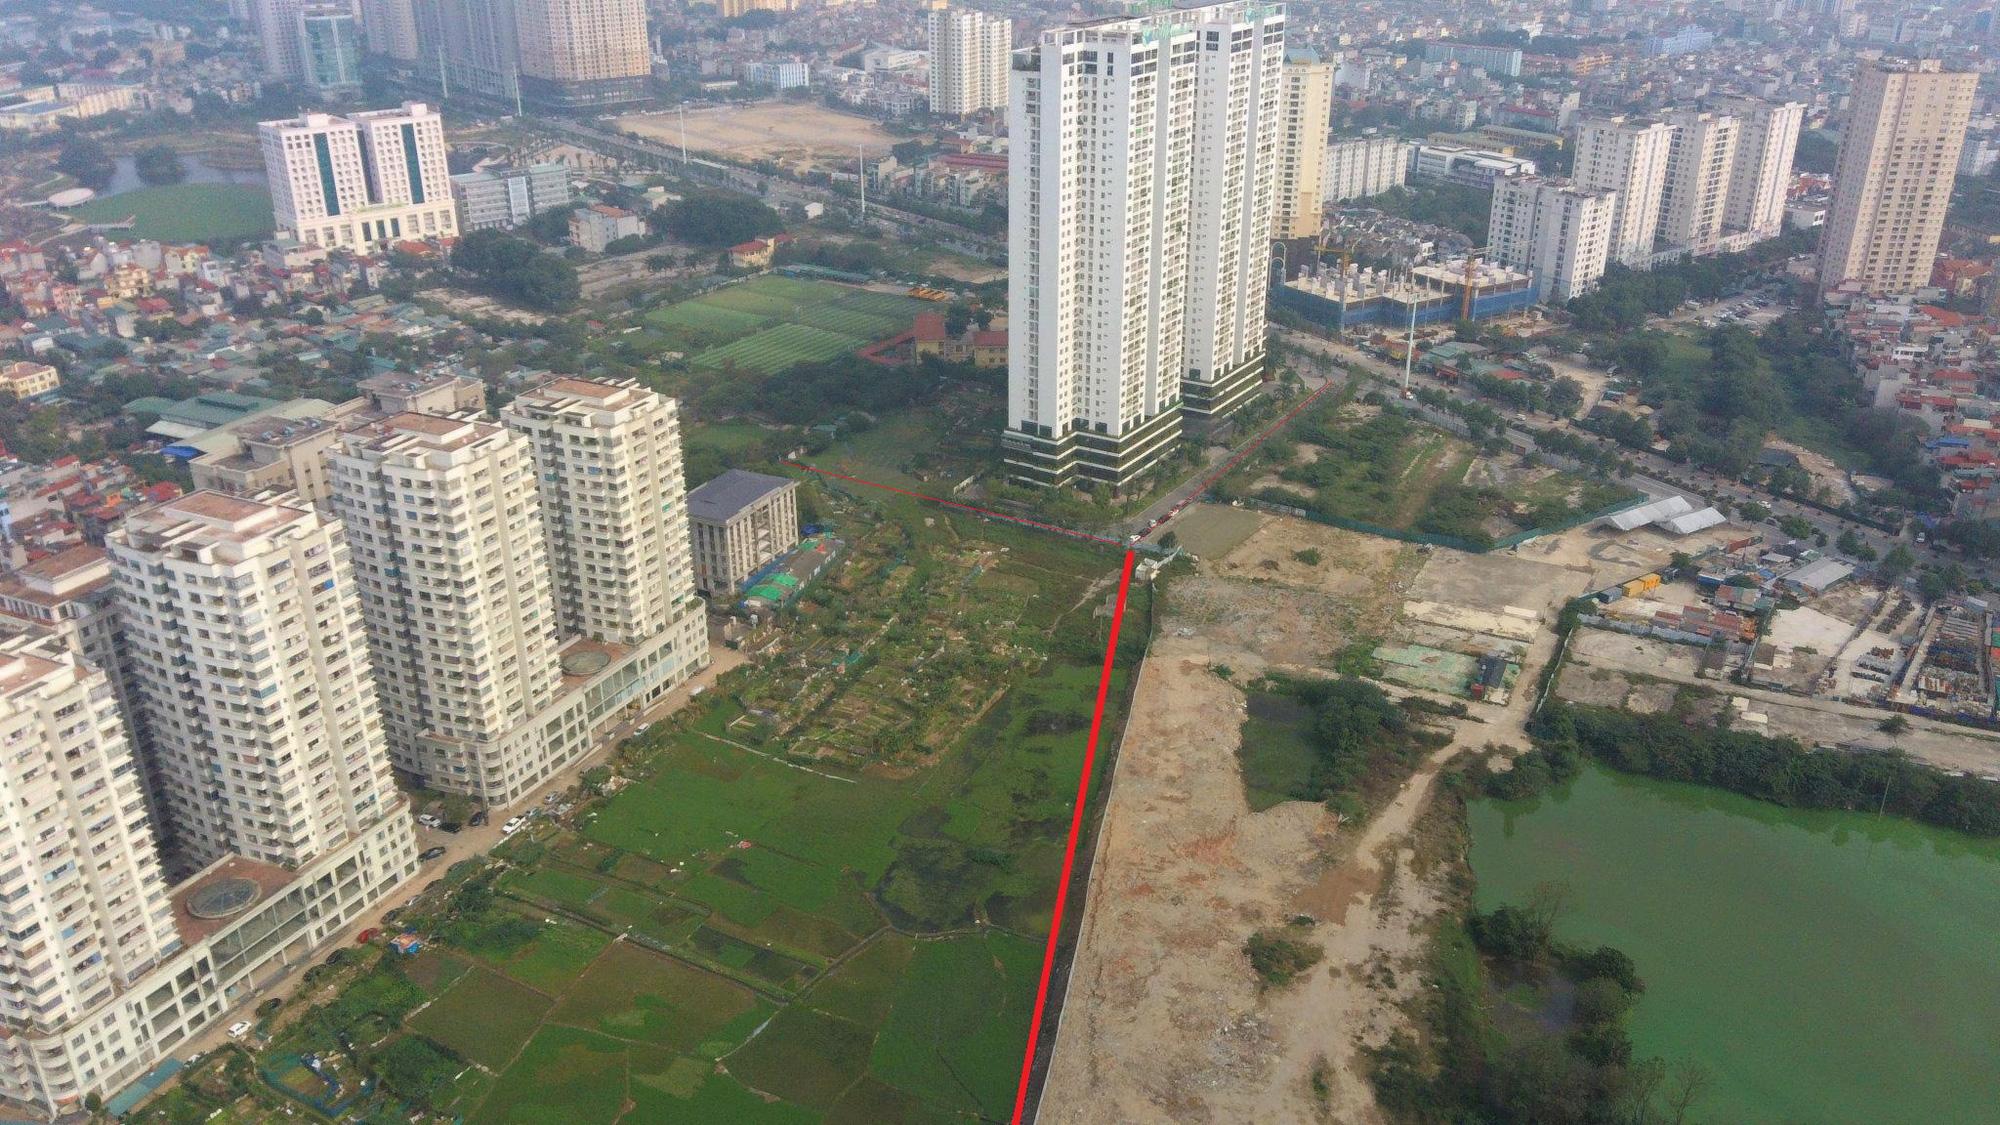 Qui hoạch giao thông Hà Nội: 4 đường sẽ mở ở phường Mễ Trì, Nam Từ Liêm - Ảnh 12.